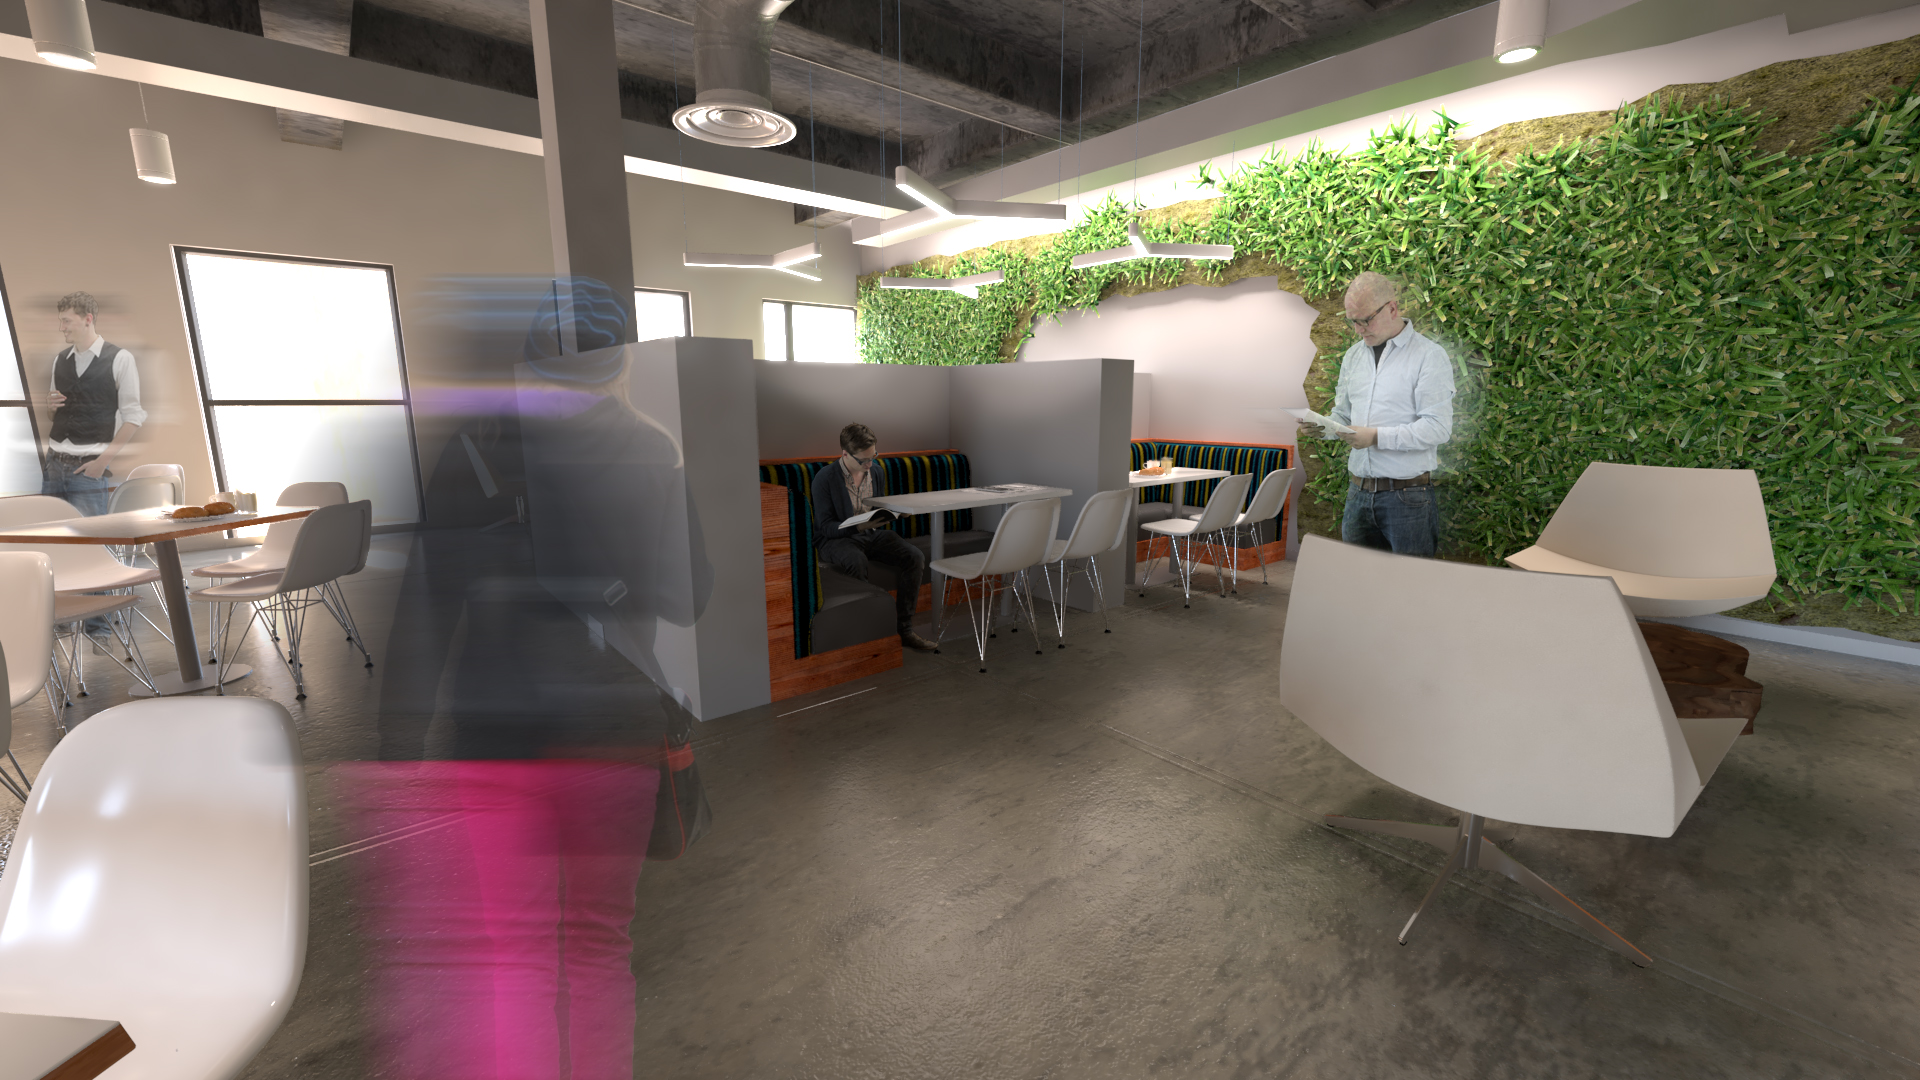 Canteen concept design